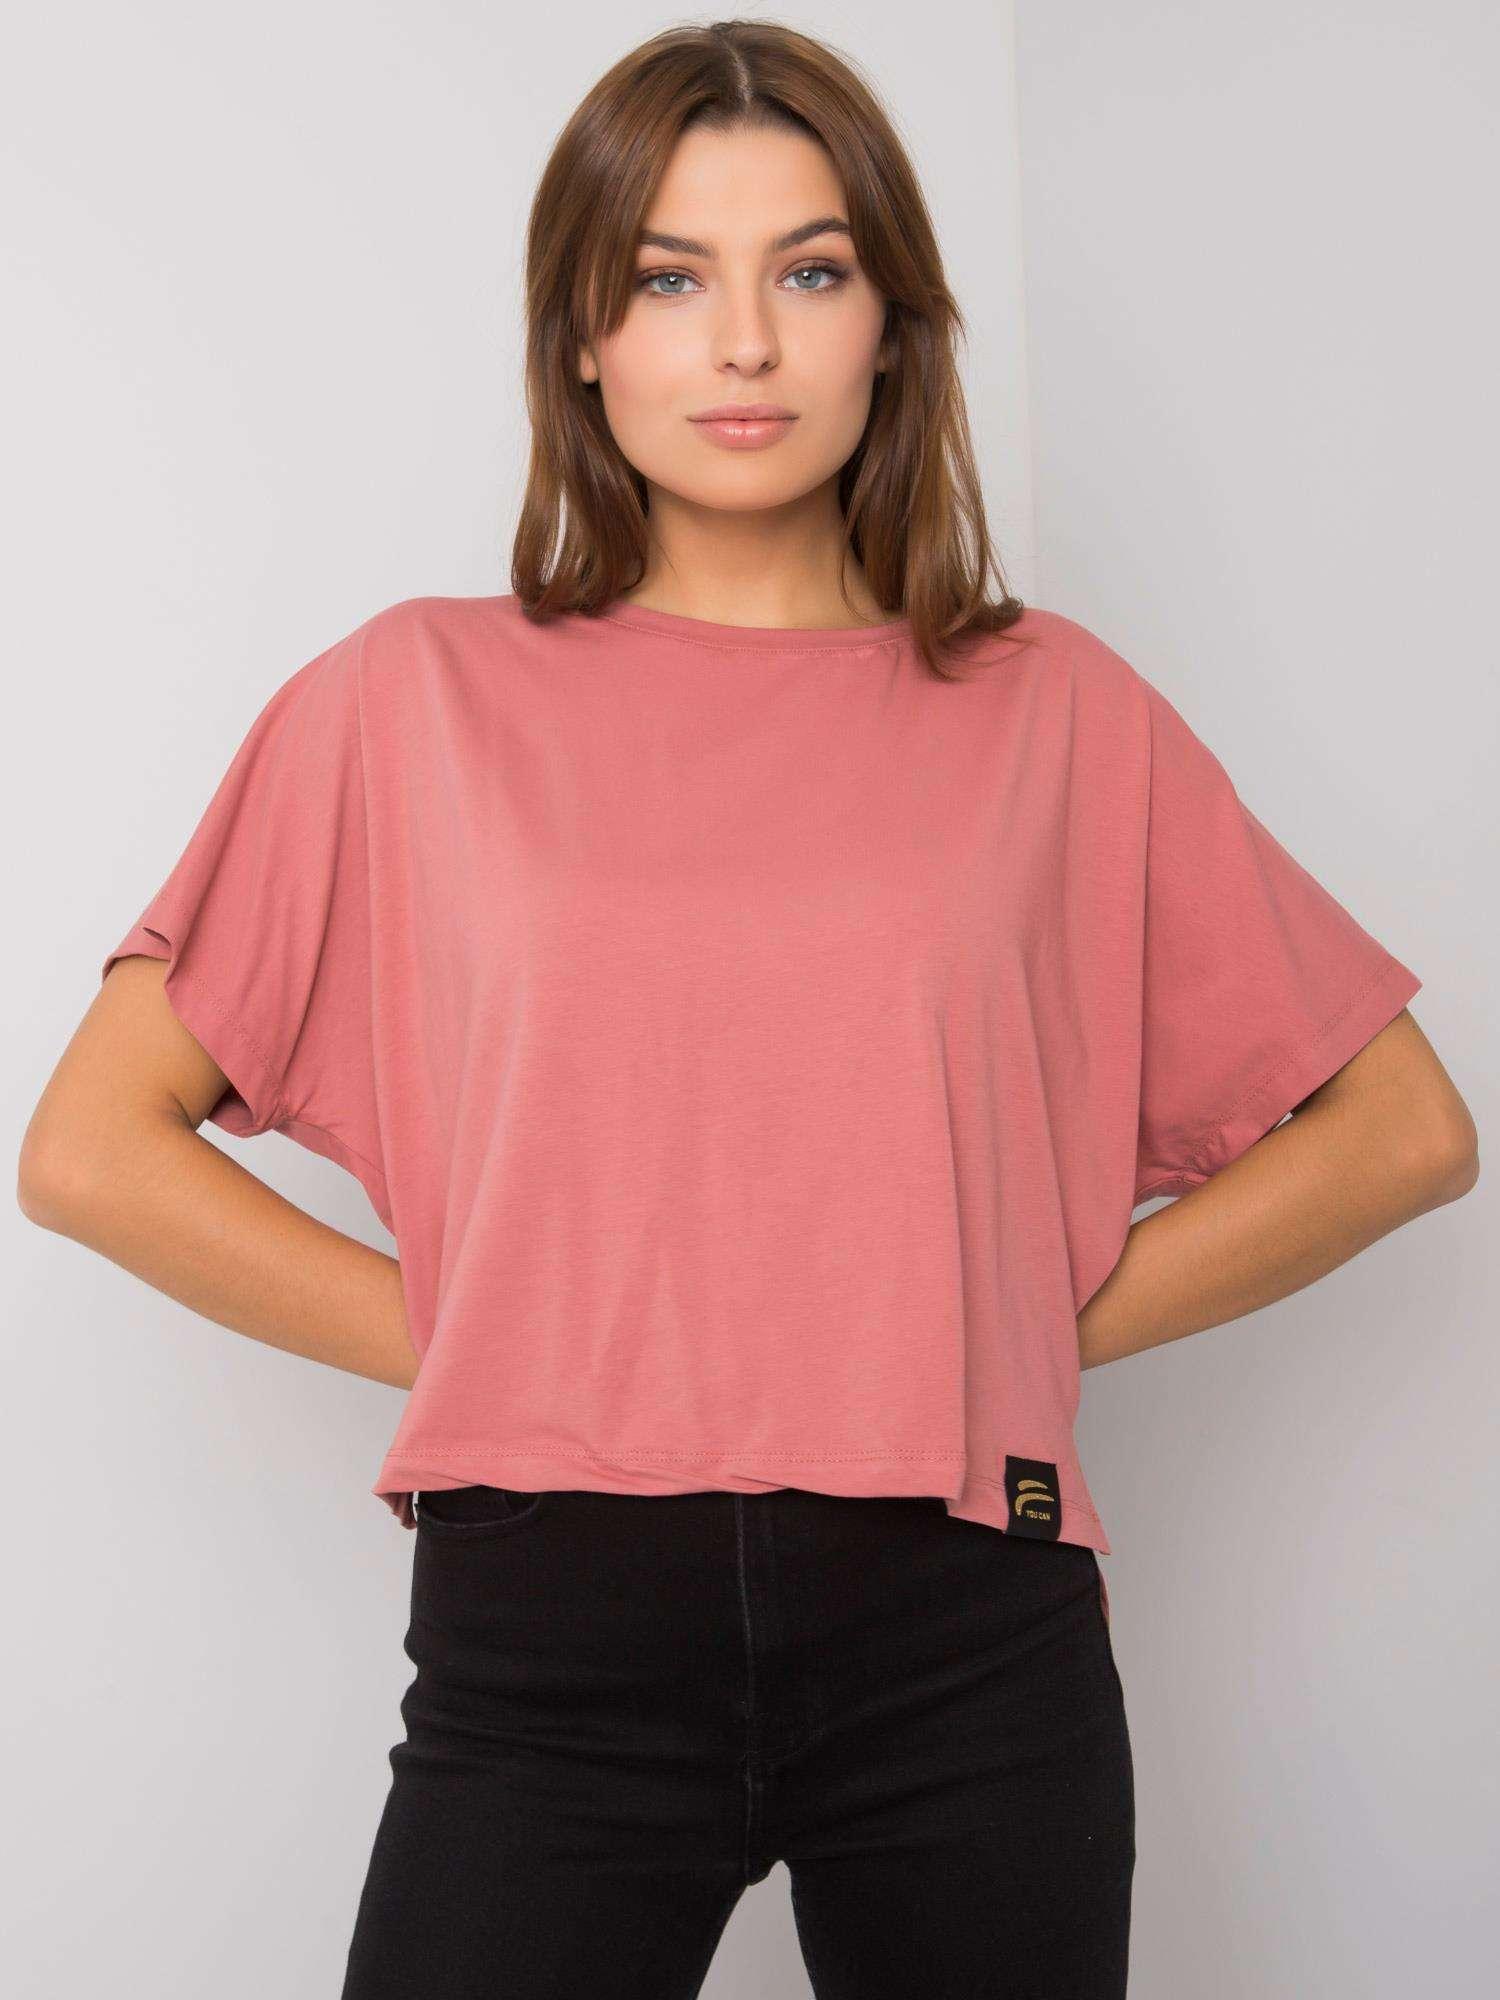 FOR FITNESS Špinavě růžové bavlněné tričko